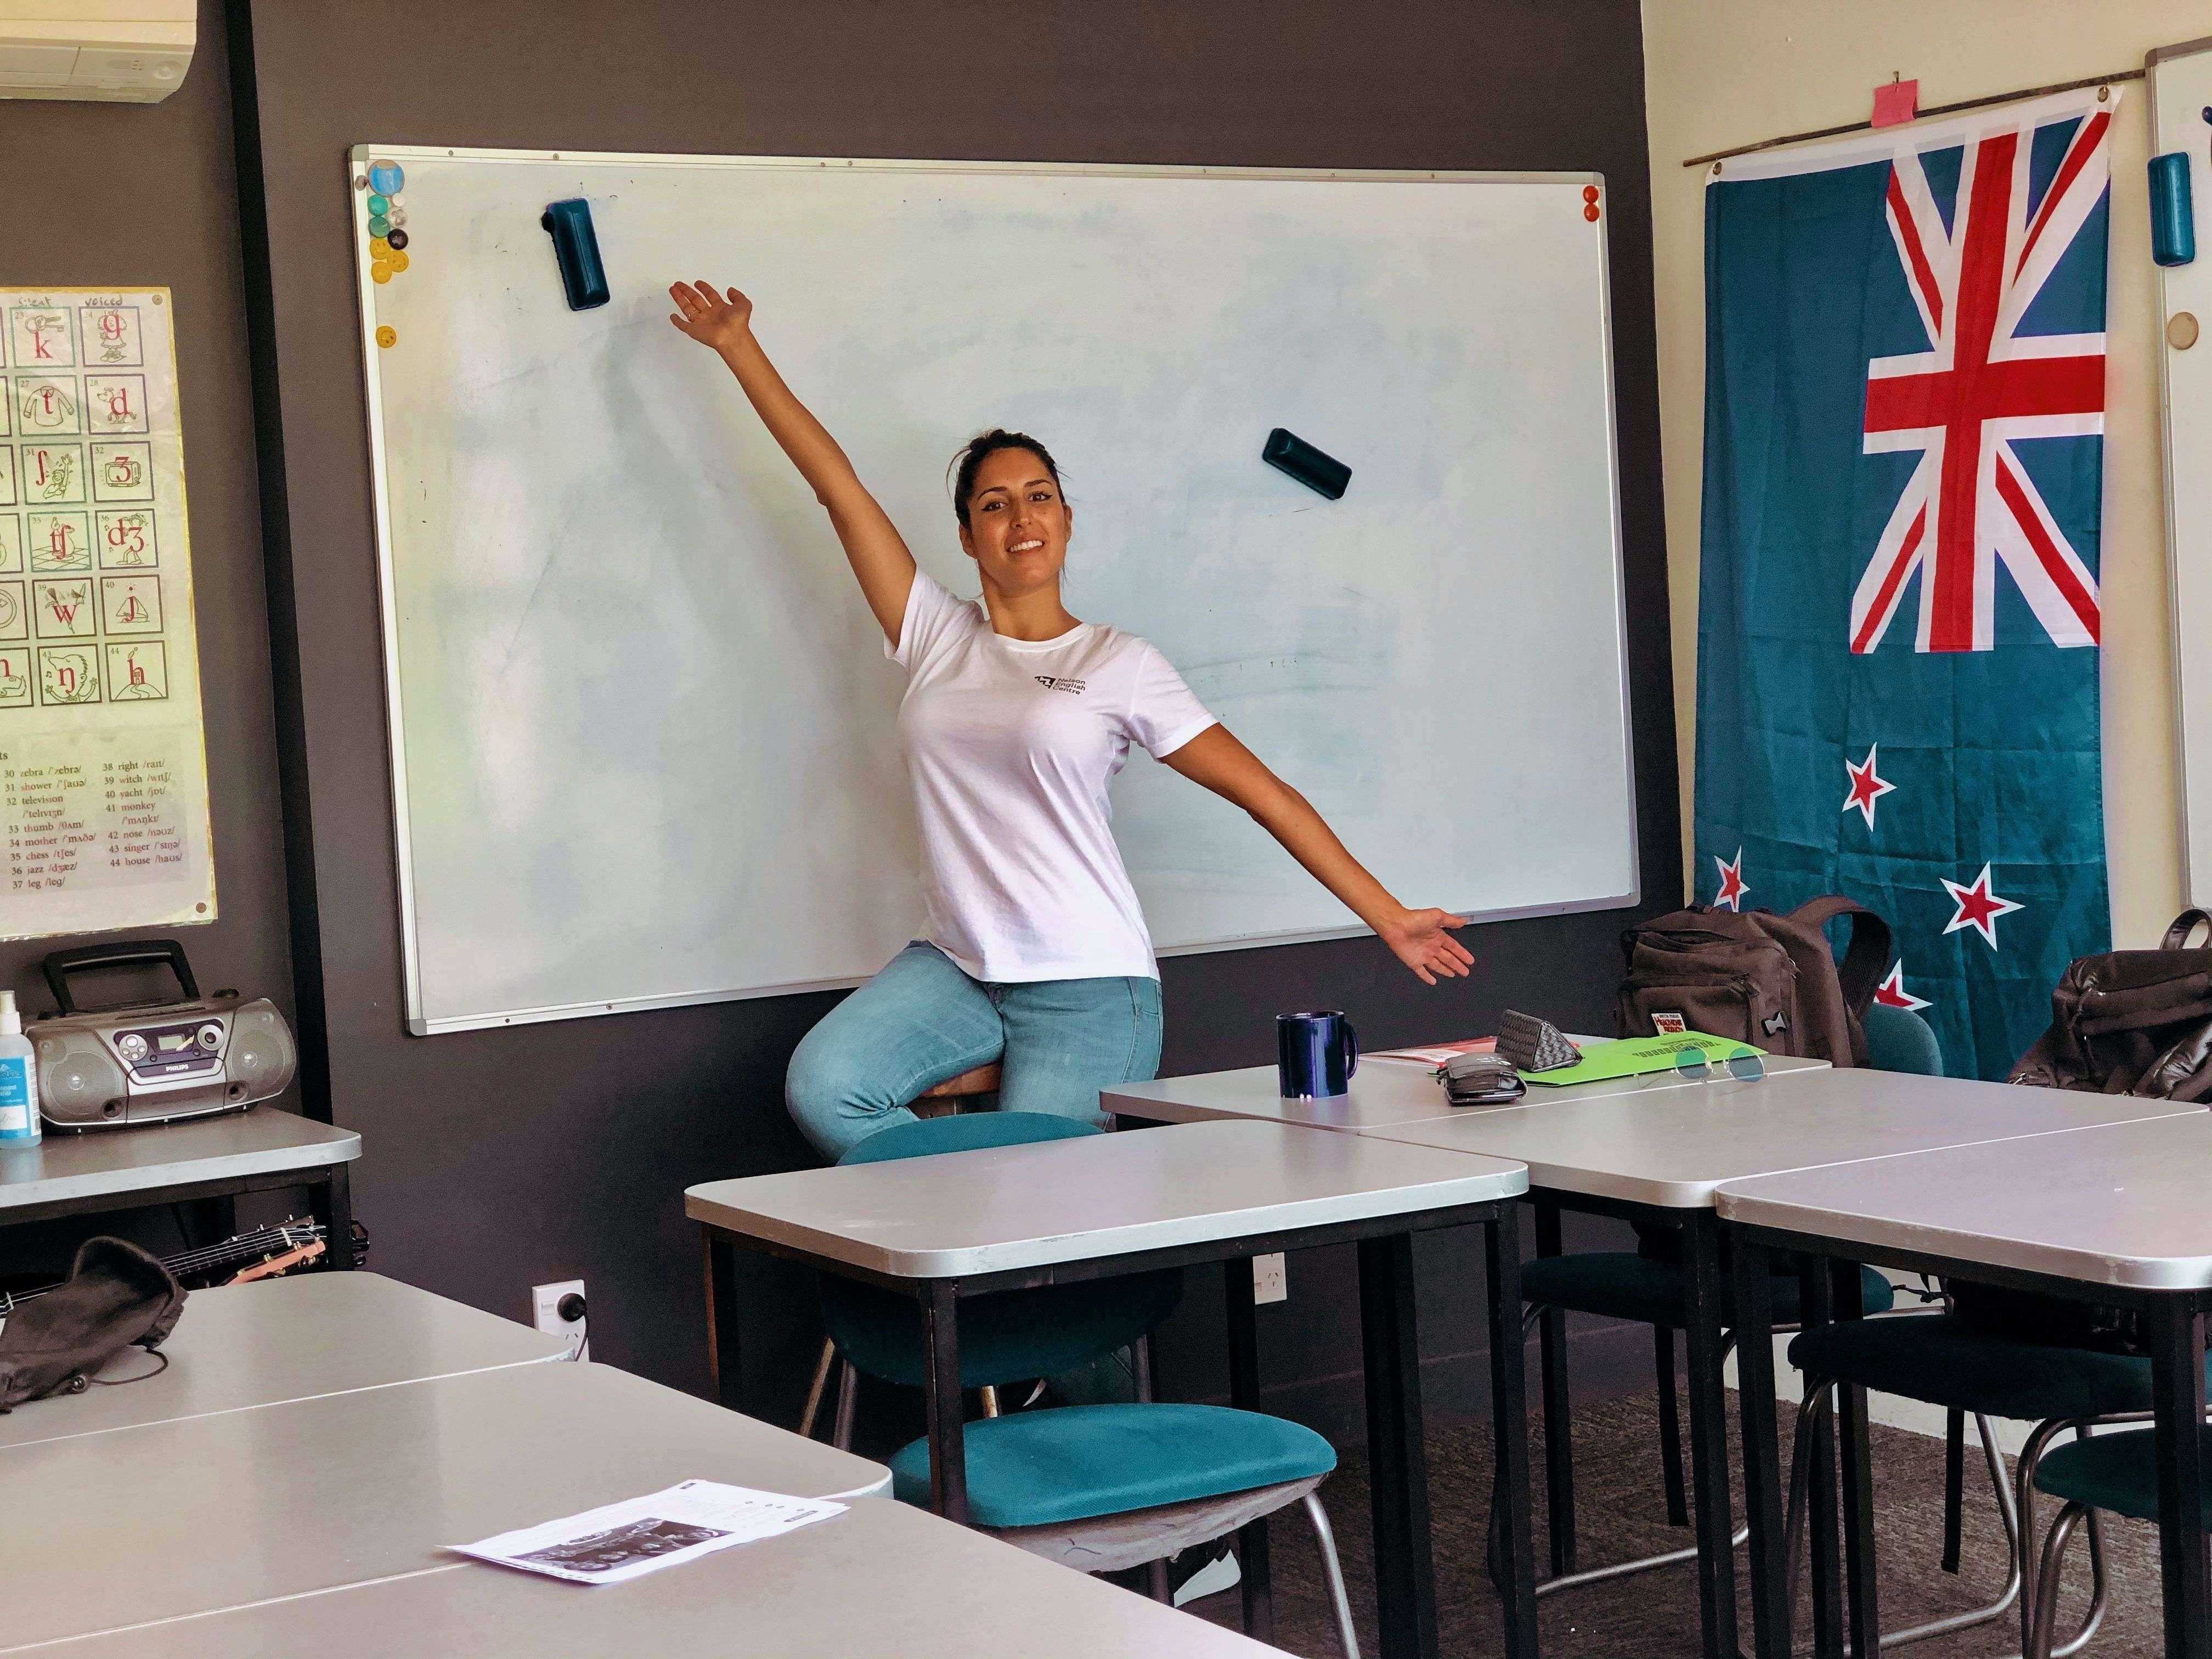 Estudiar inglés en Nueva Zelanda